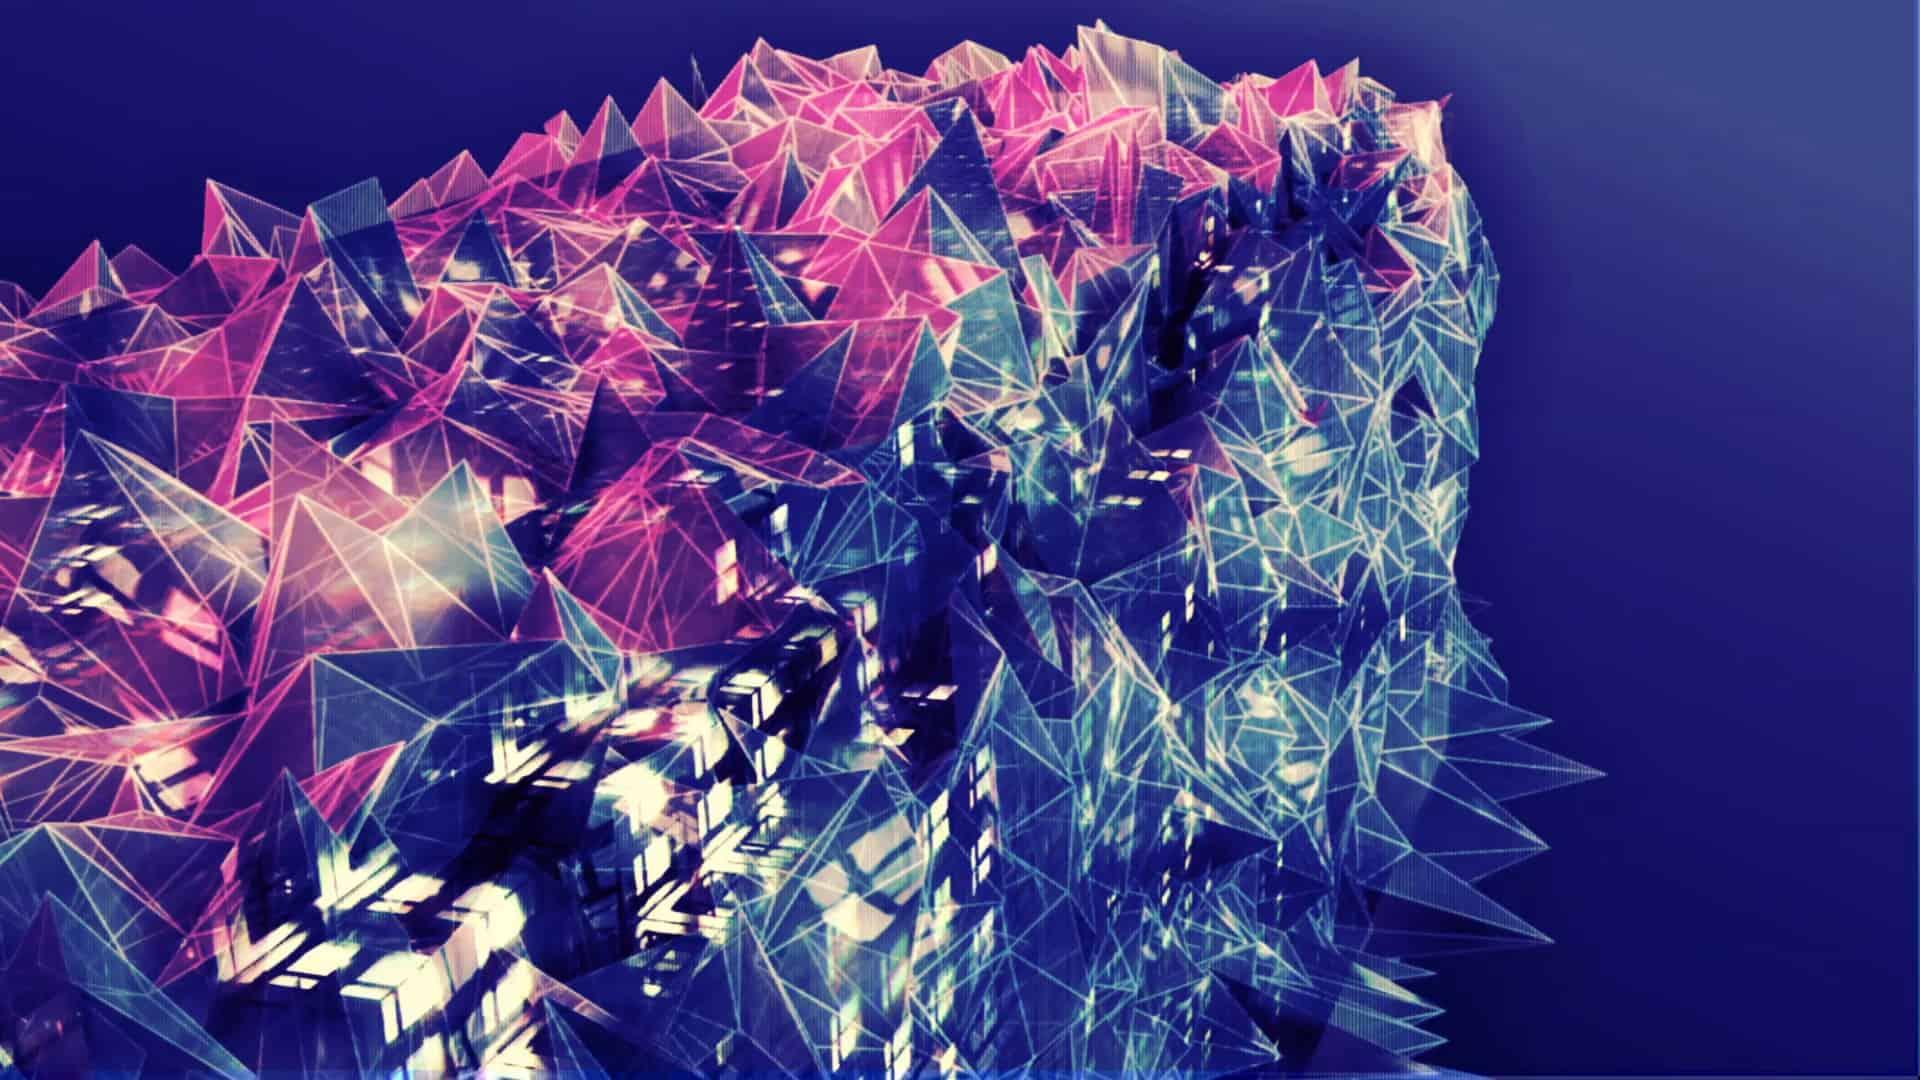 3D Noise concept